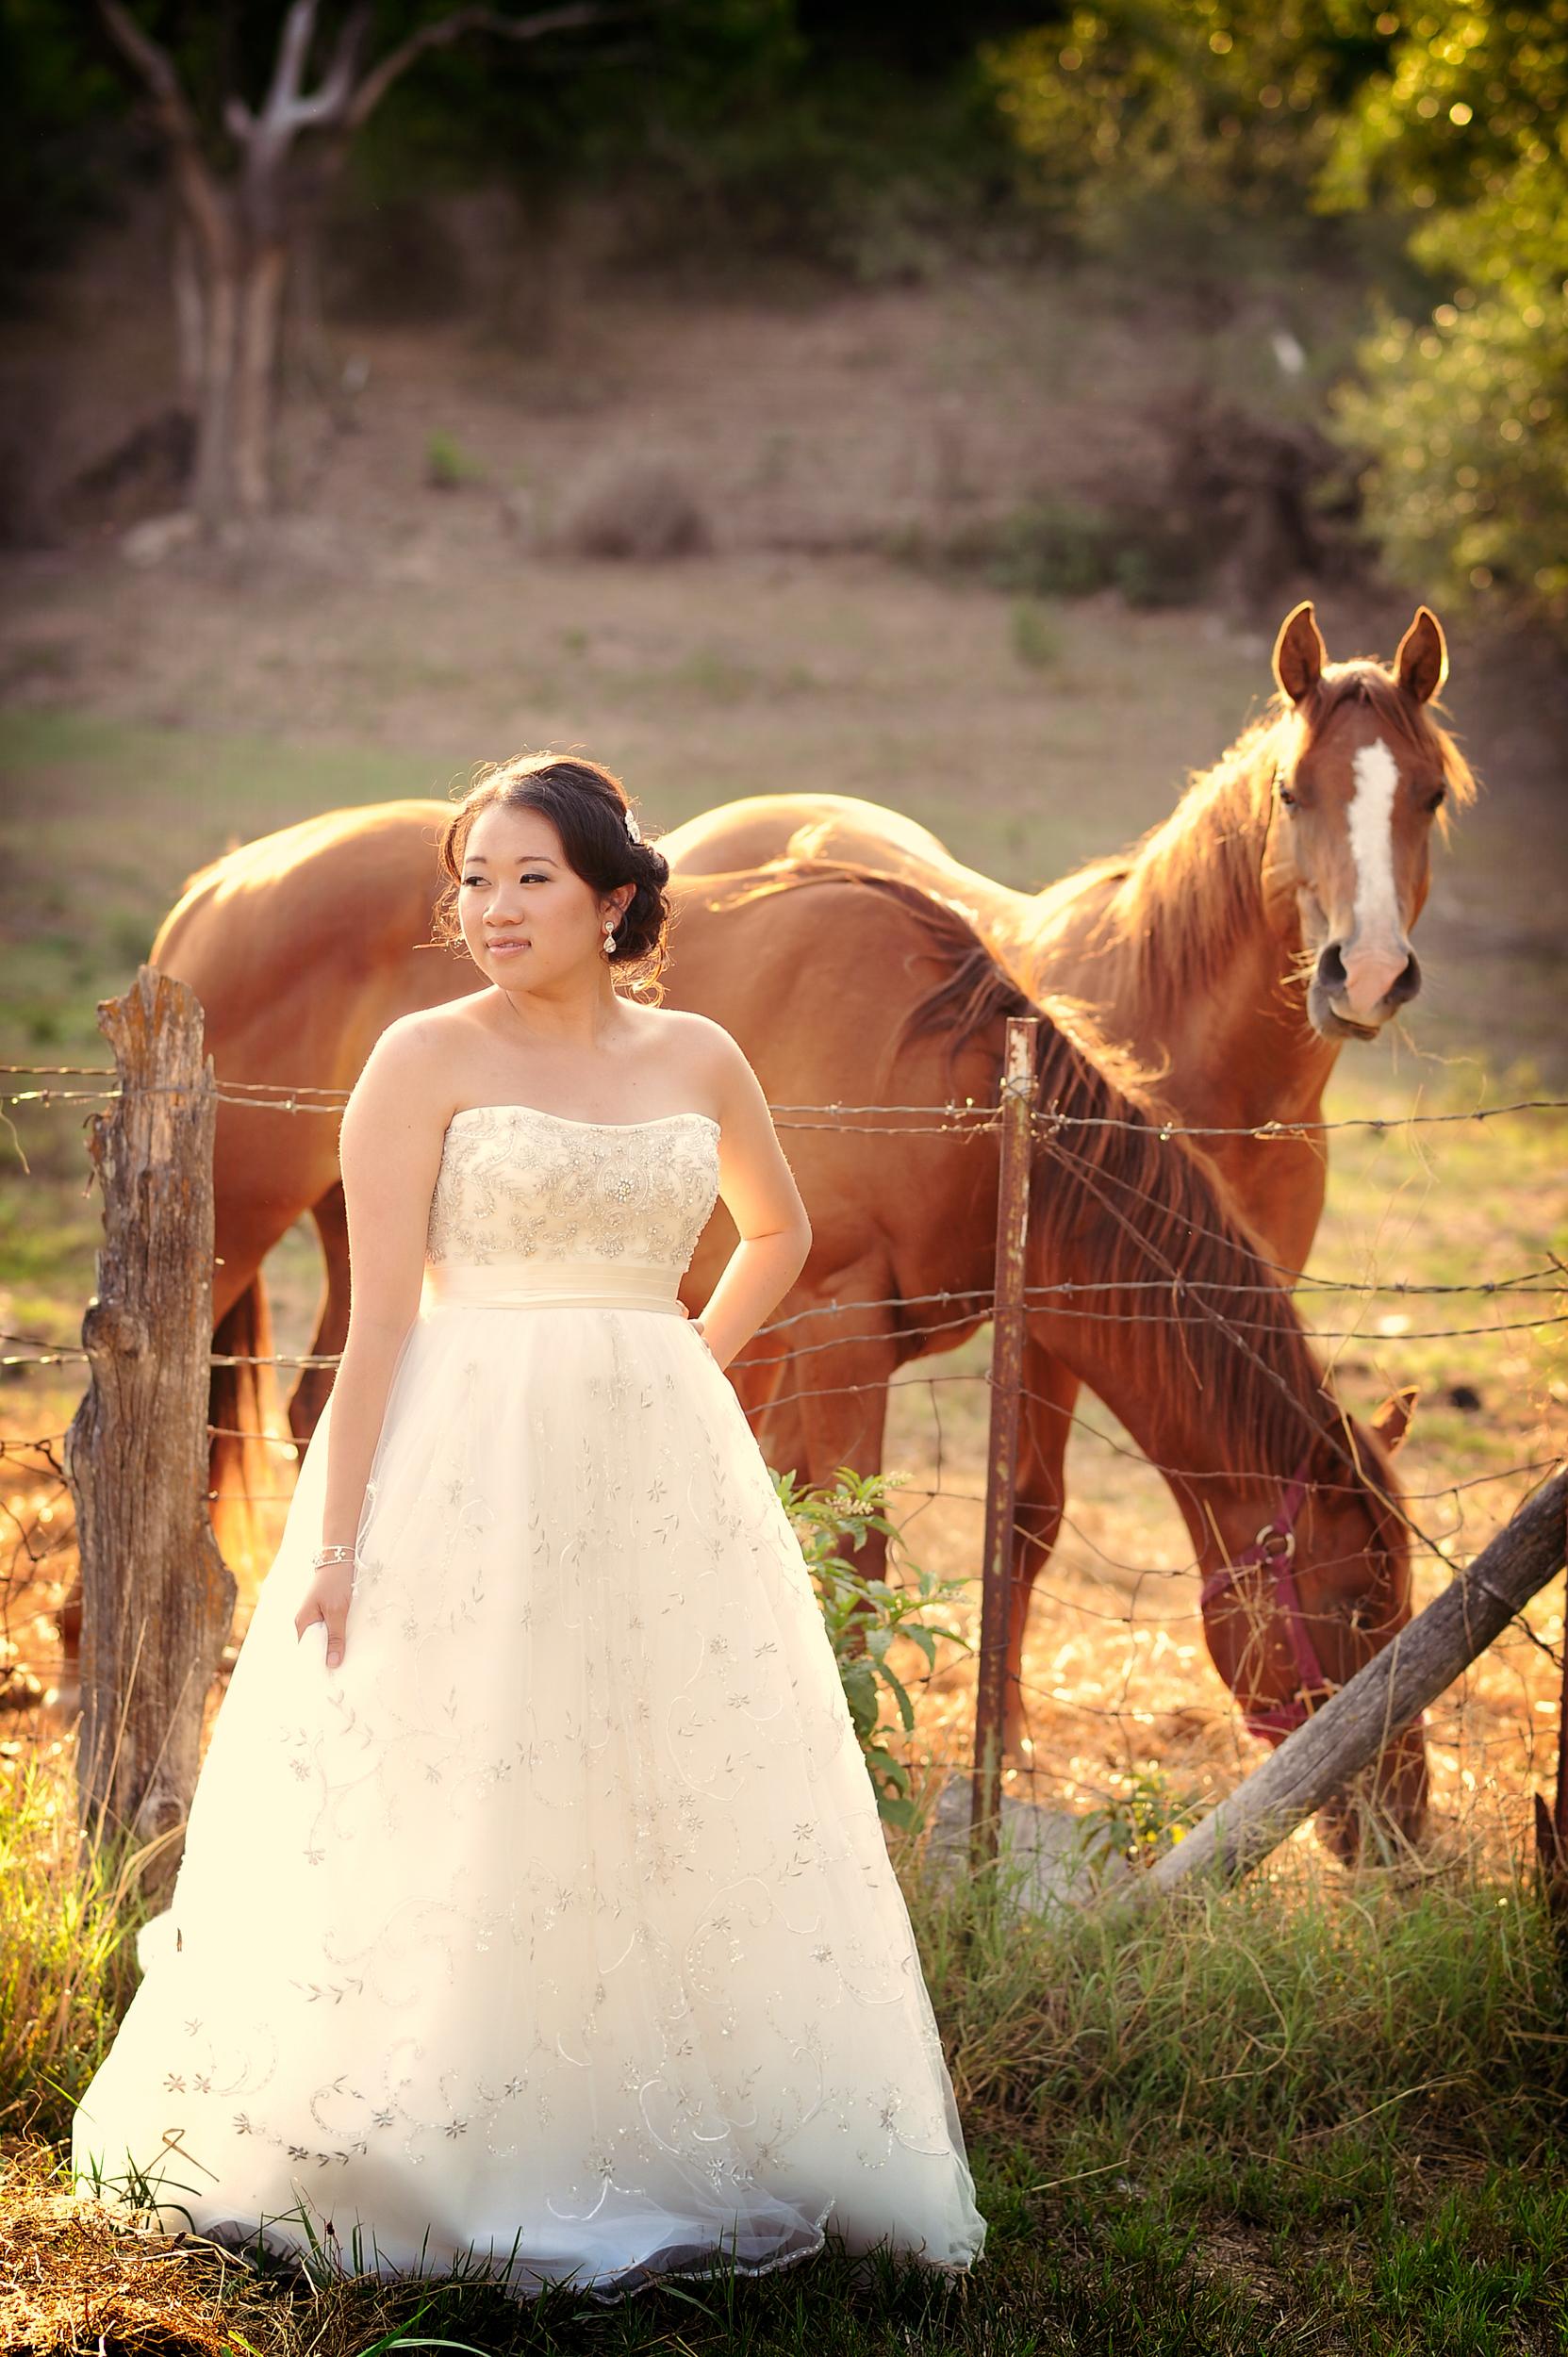 bridalsCOVER©2015mileswittboyer-2.jpg